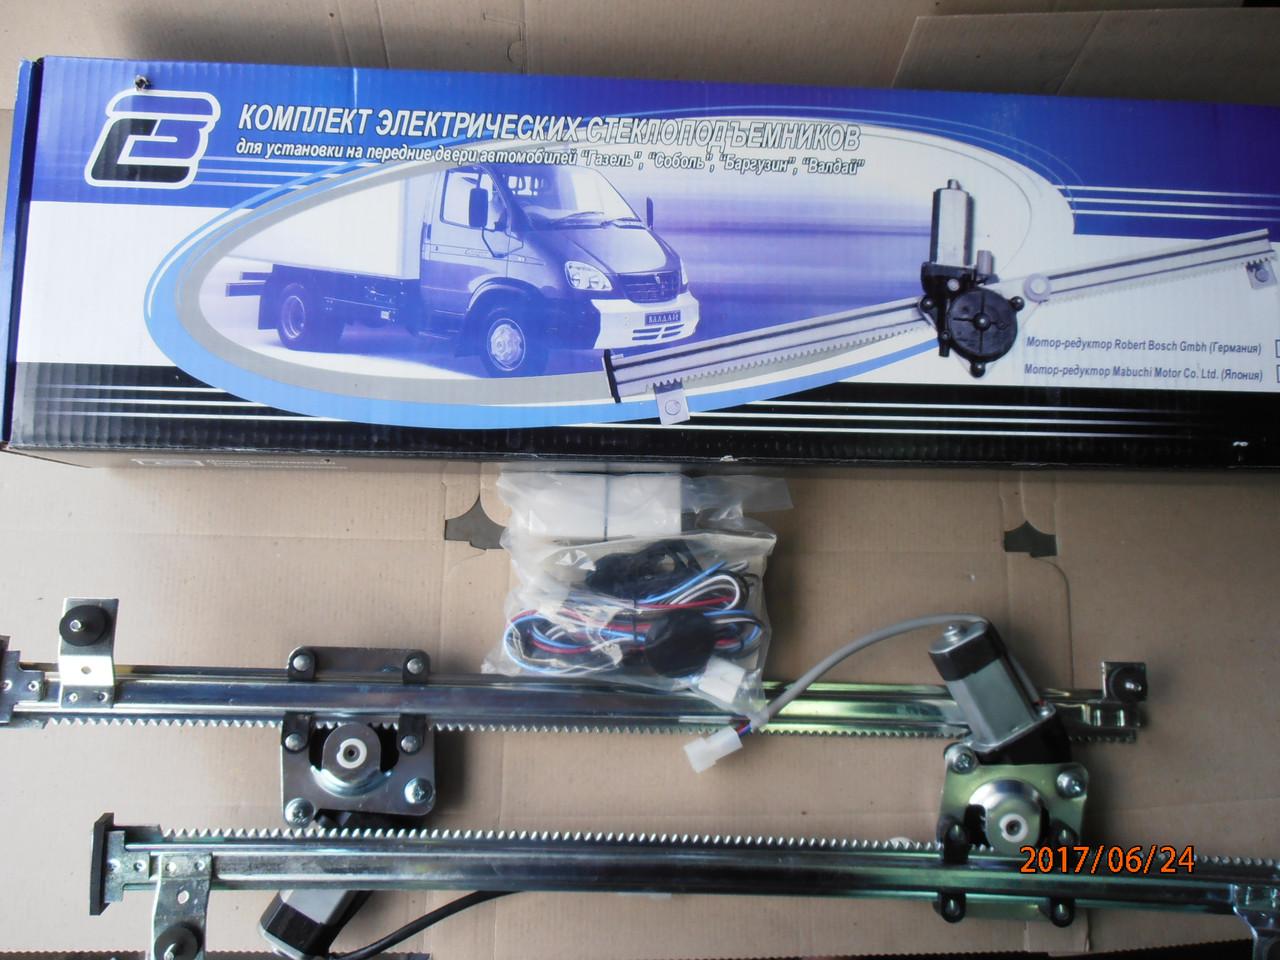 Стеклоподъёмники электрические реечные на автомобили семейства ГАЗель.